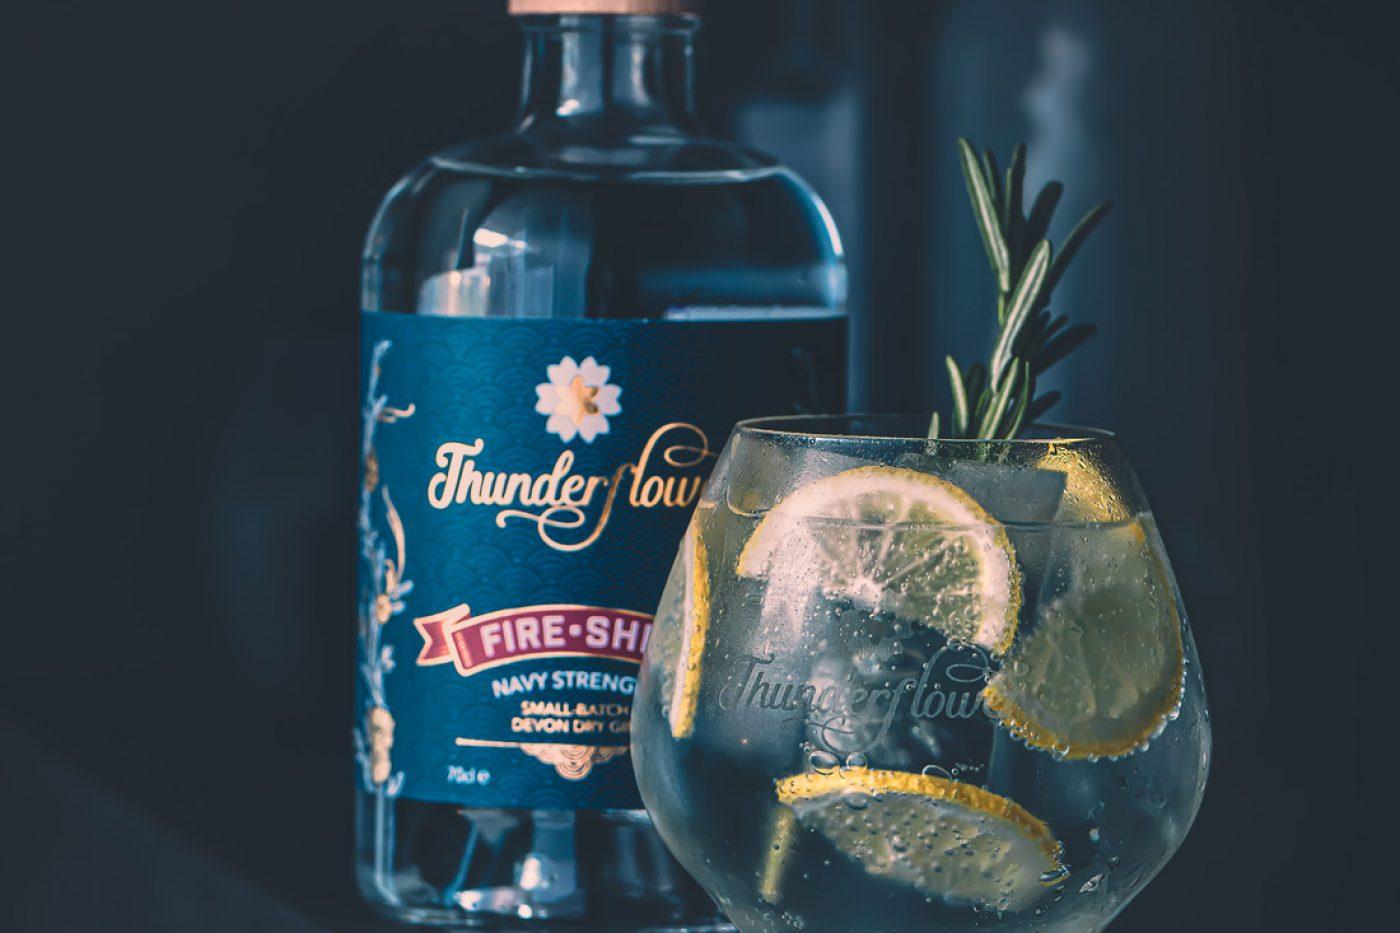 Thunderflower navy strength gin